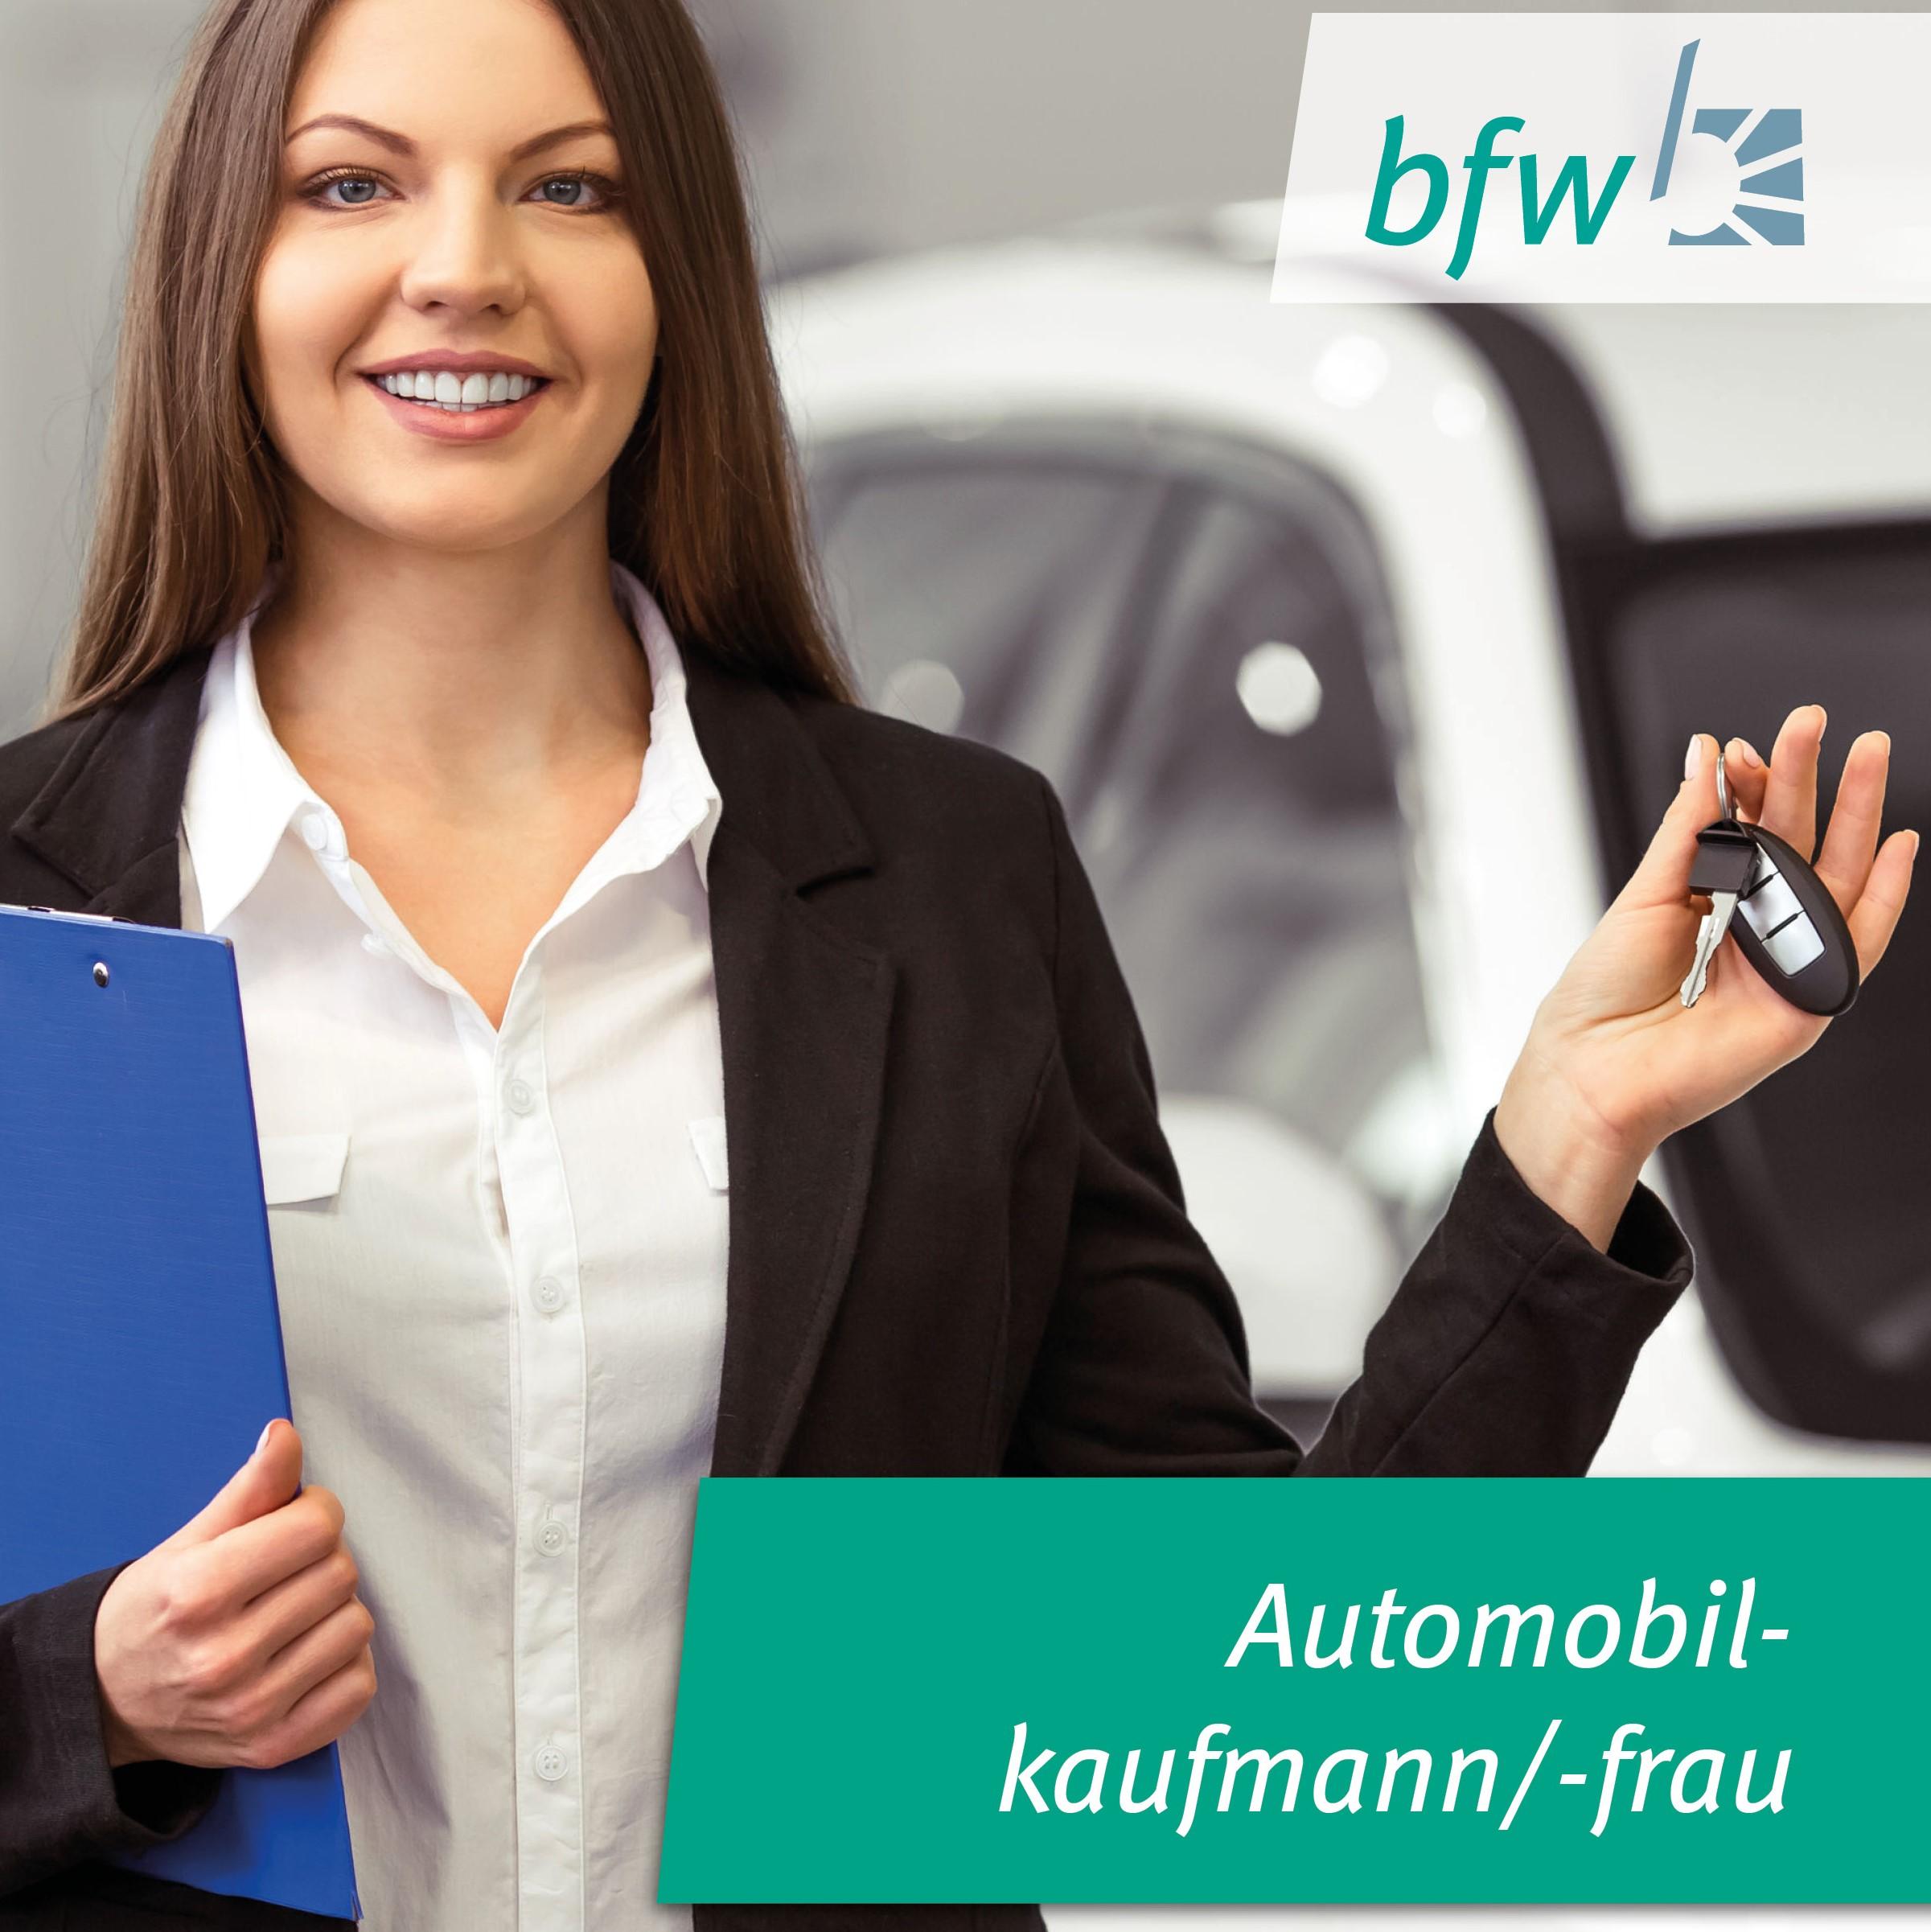 Automobilkaufmann/-frau (Betriebliche Qualifizierung) Image